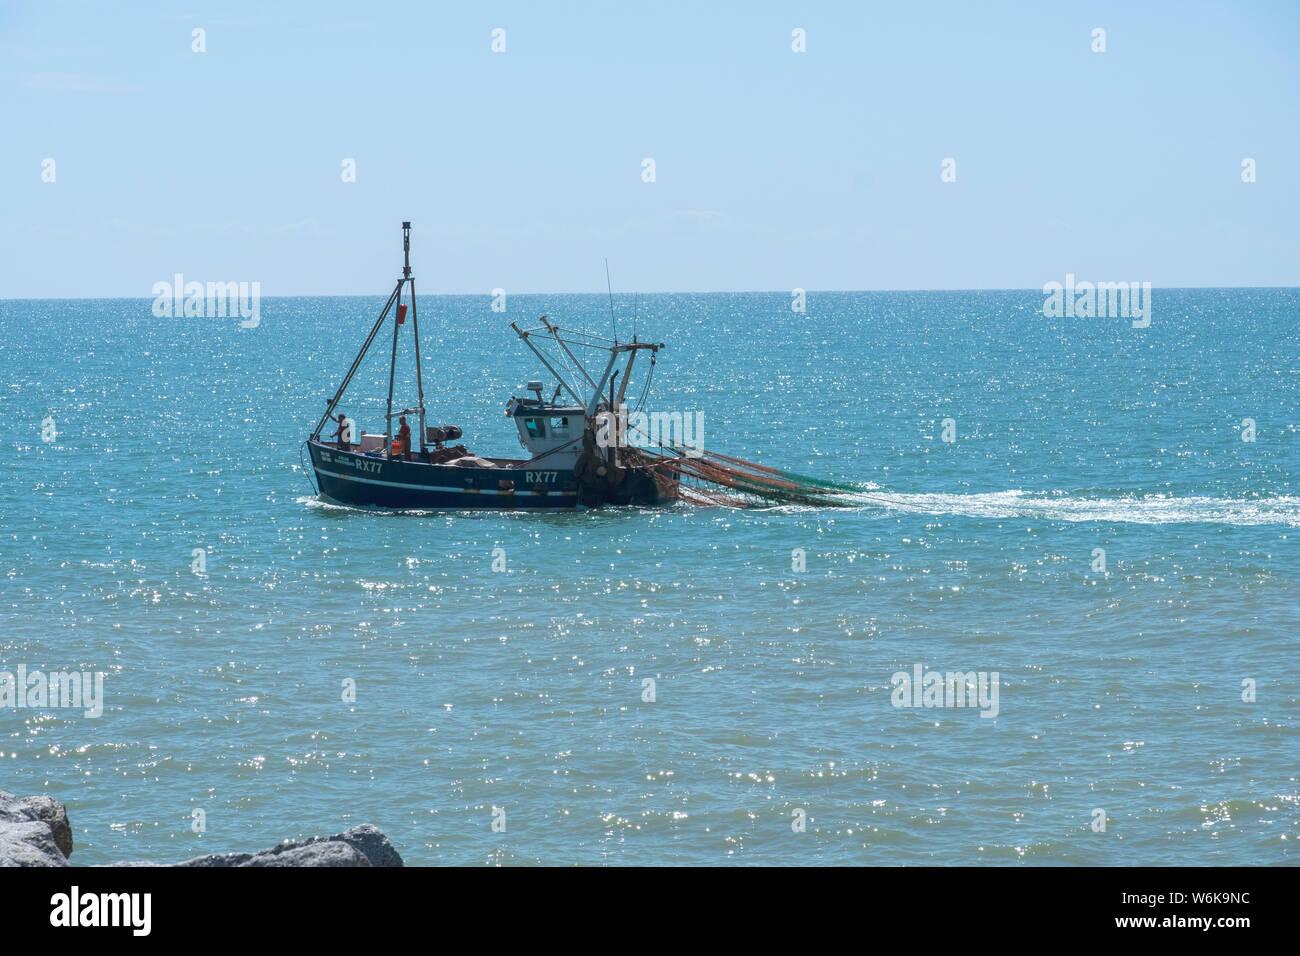 La pesca de arrastre de Hastings regresan a Puerto con las redes de arrastre fuera cerca de la orilla, East Sussex, Reino Unido Foto de stock